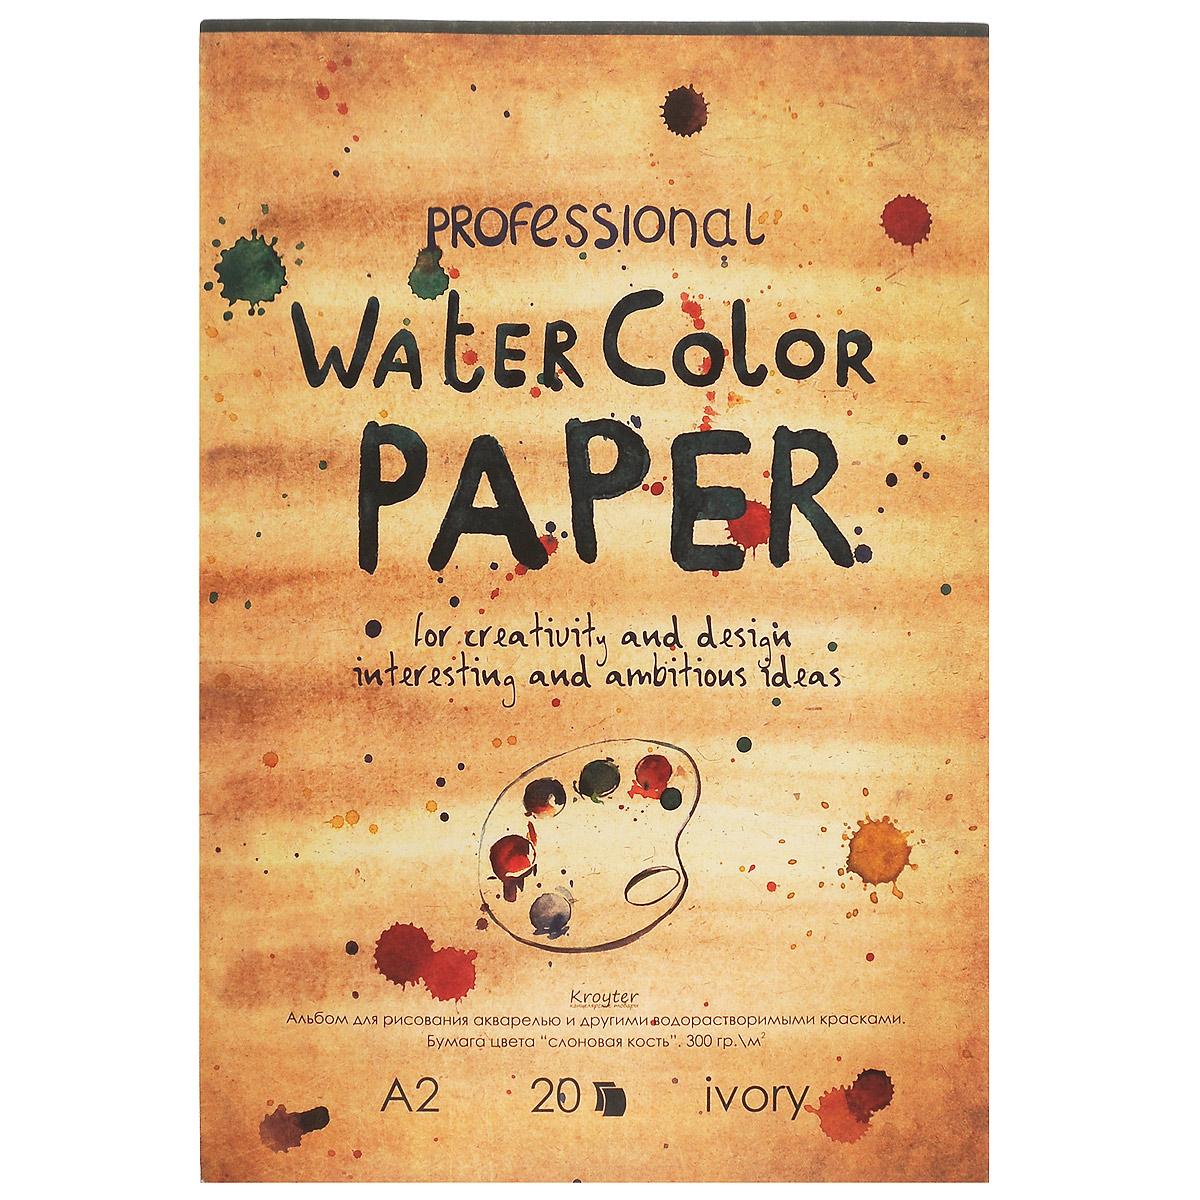 Альбом для акварели Kroyter, 20 листов, формат А2. 06487C0042416Альбом для рисования акварелью Kroyter изготовлен из высококачественной бумаги, что позволяет карандашам, фломастерам и краскам ровно ложиться на поверхность и не растекаться по листу. Рисование в таких альбомах доставит маленьким художникам максимальное удовольствие. Обложка выполнена из мелованного картона с клеевым креплением. Рисование позволяет развивать творческие способности, кроме того, это увлекательный досуг.Плотность: 300 г/м2.